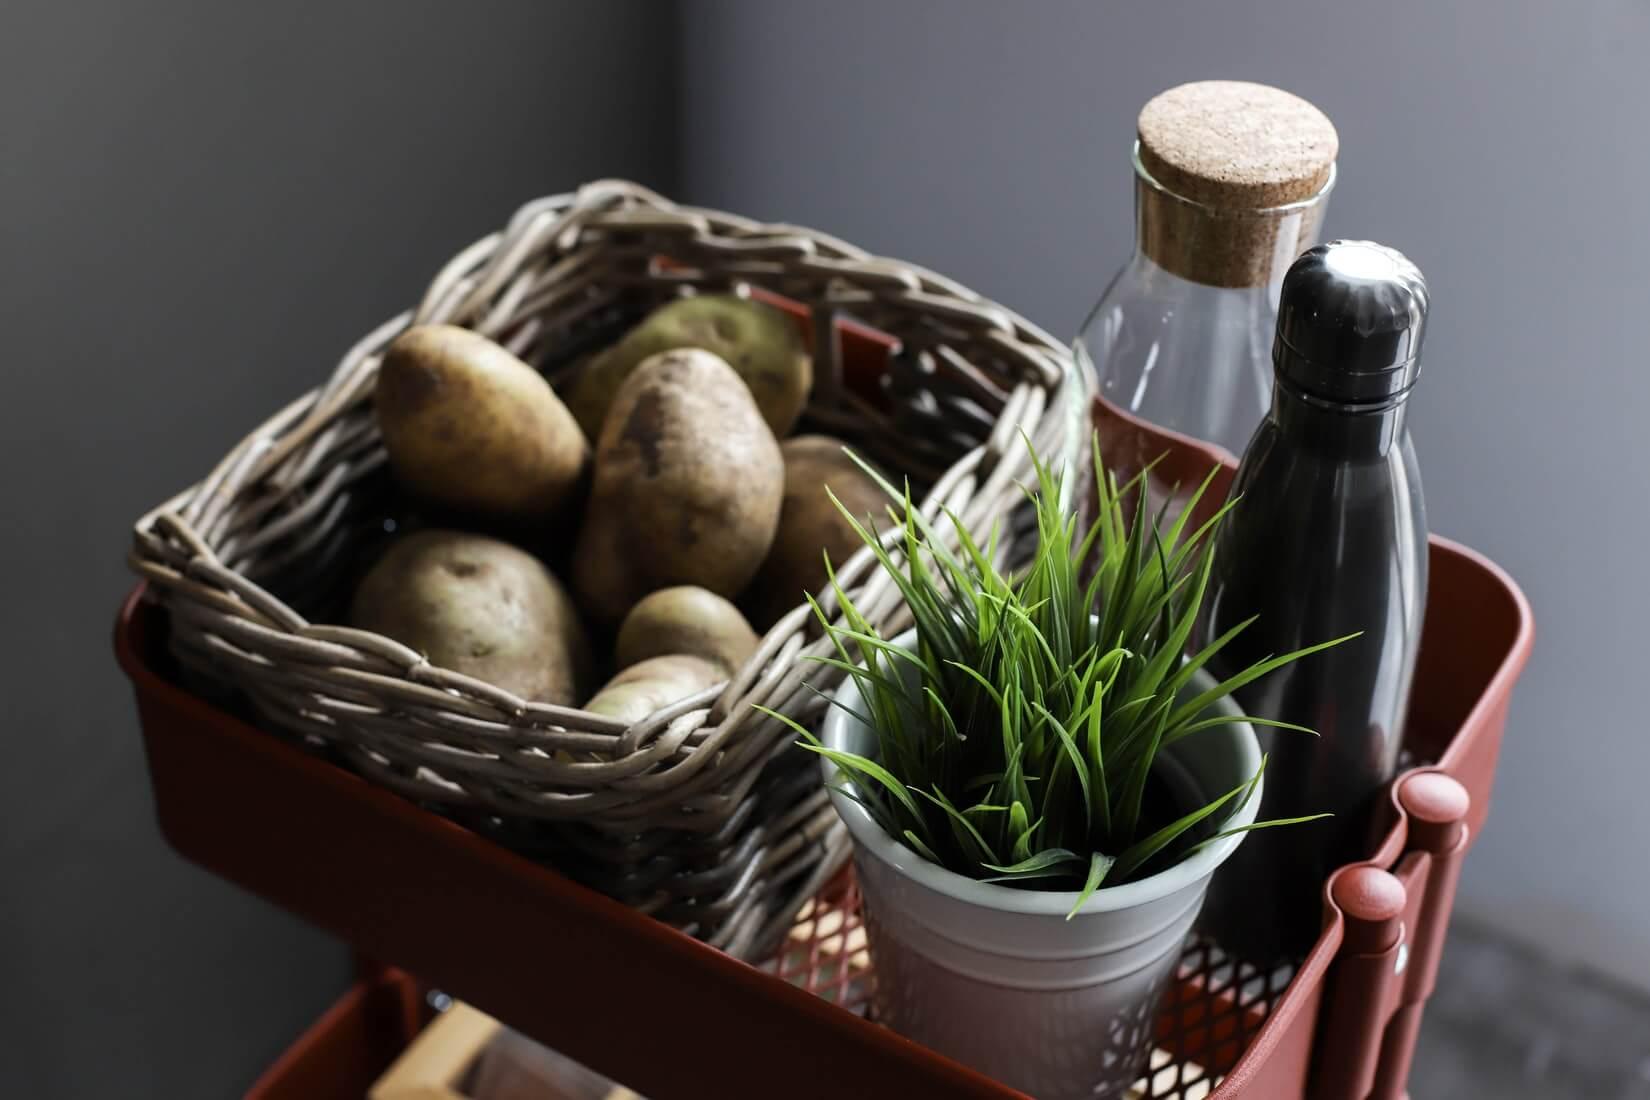 Дед запретил ехать на картошку: как вырастить картошку дома